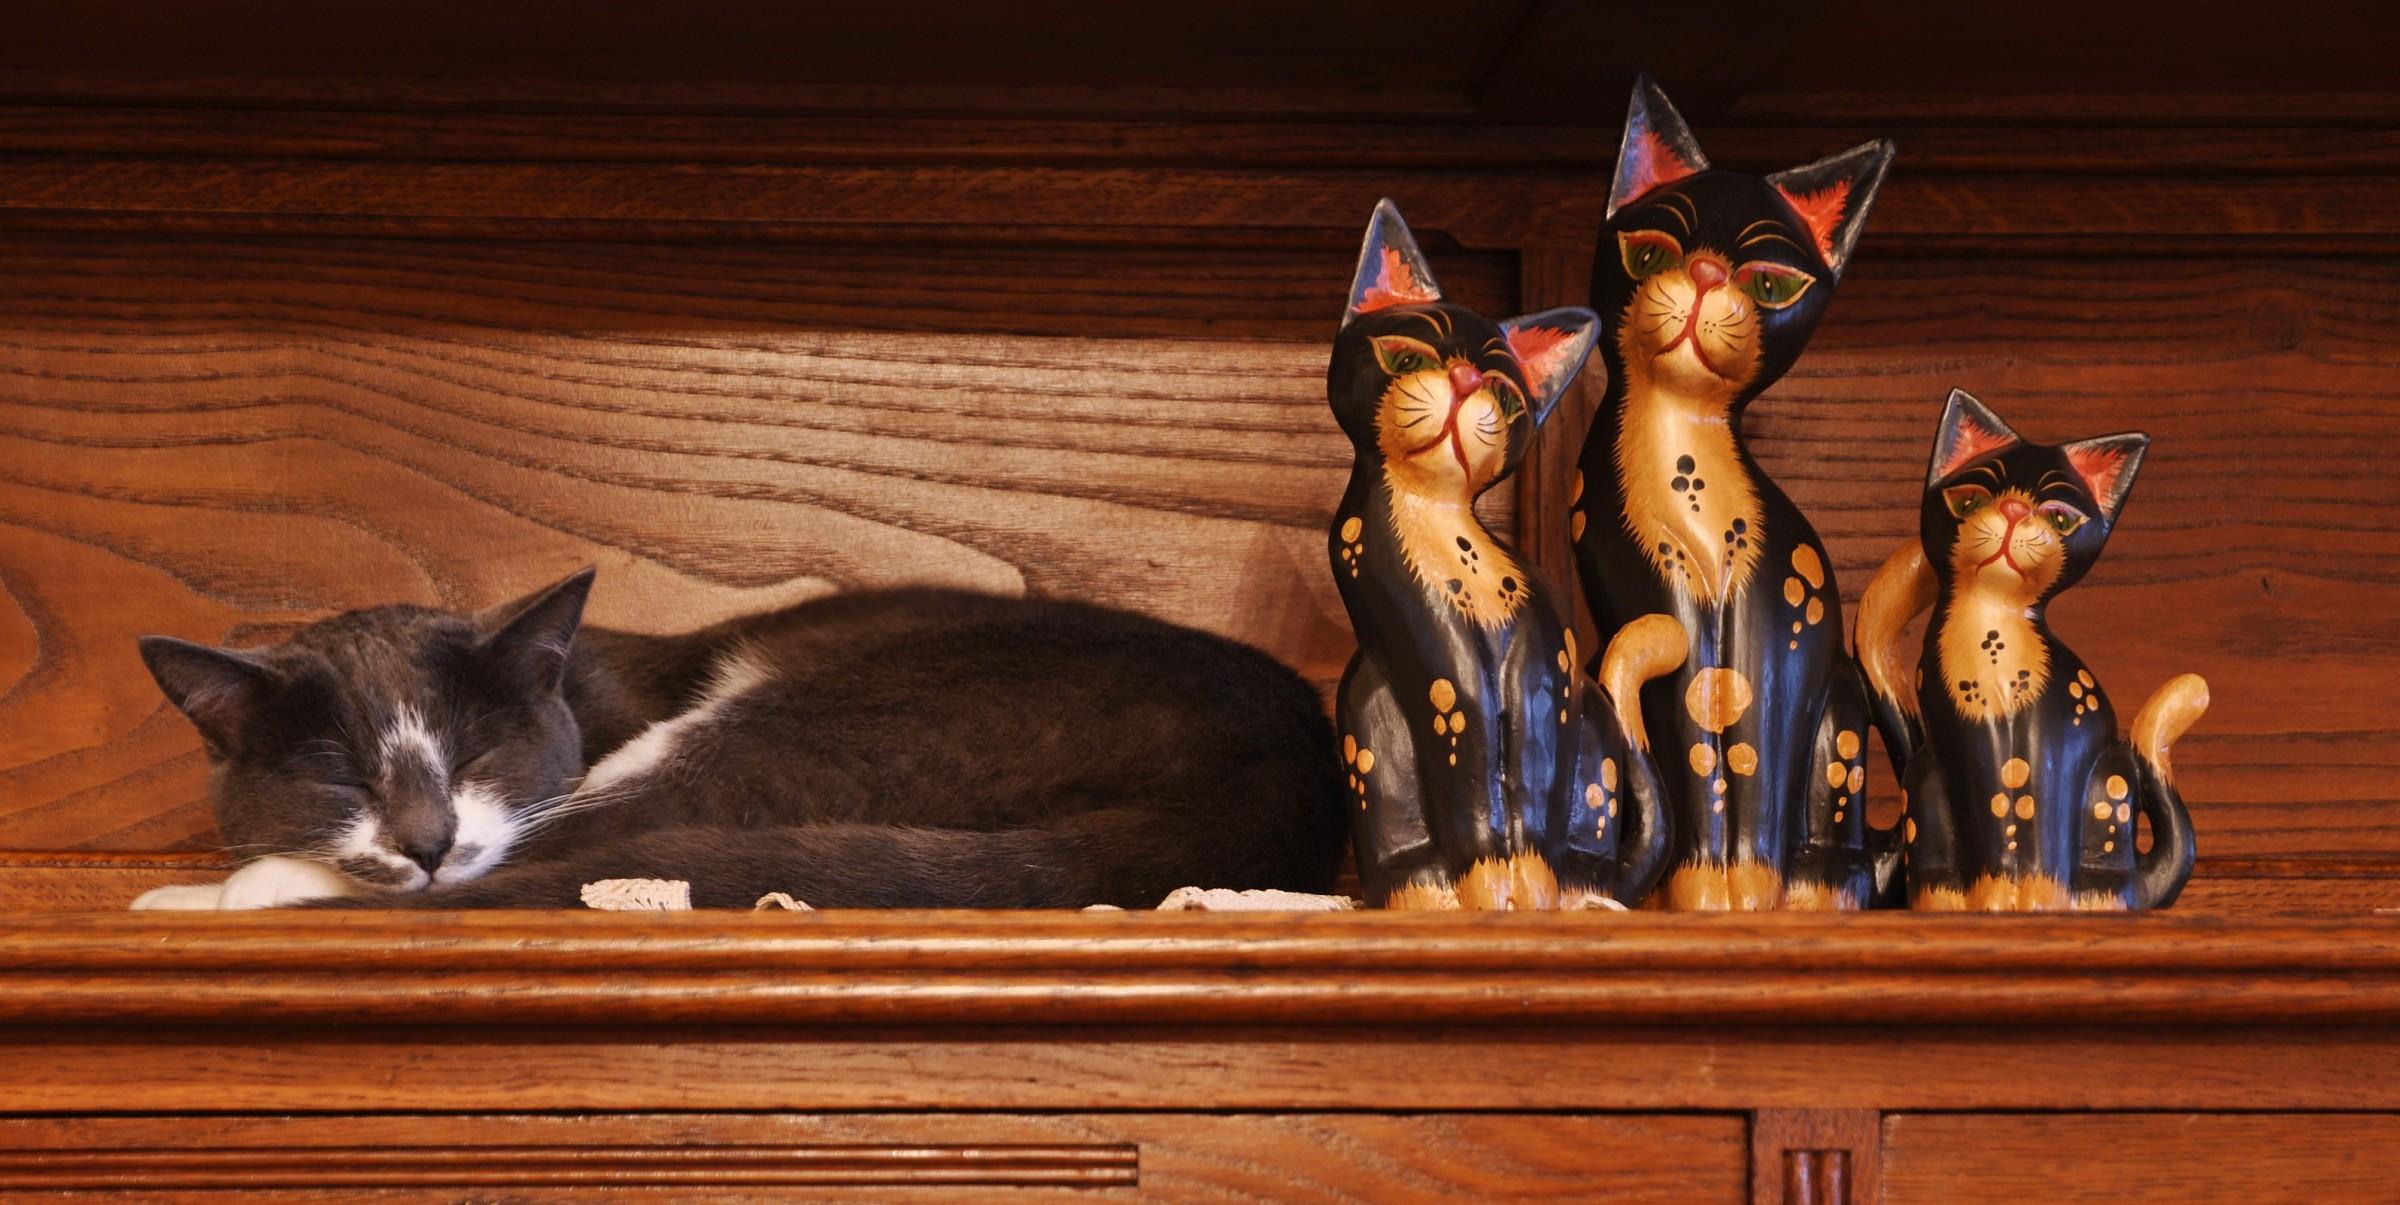 Orion cat sleepyhead...